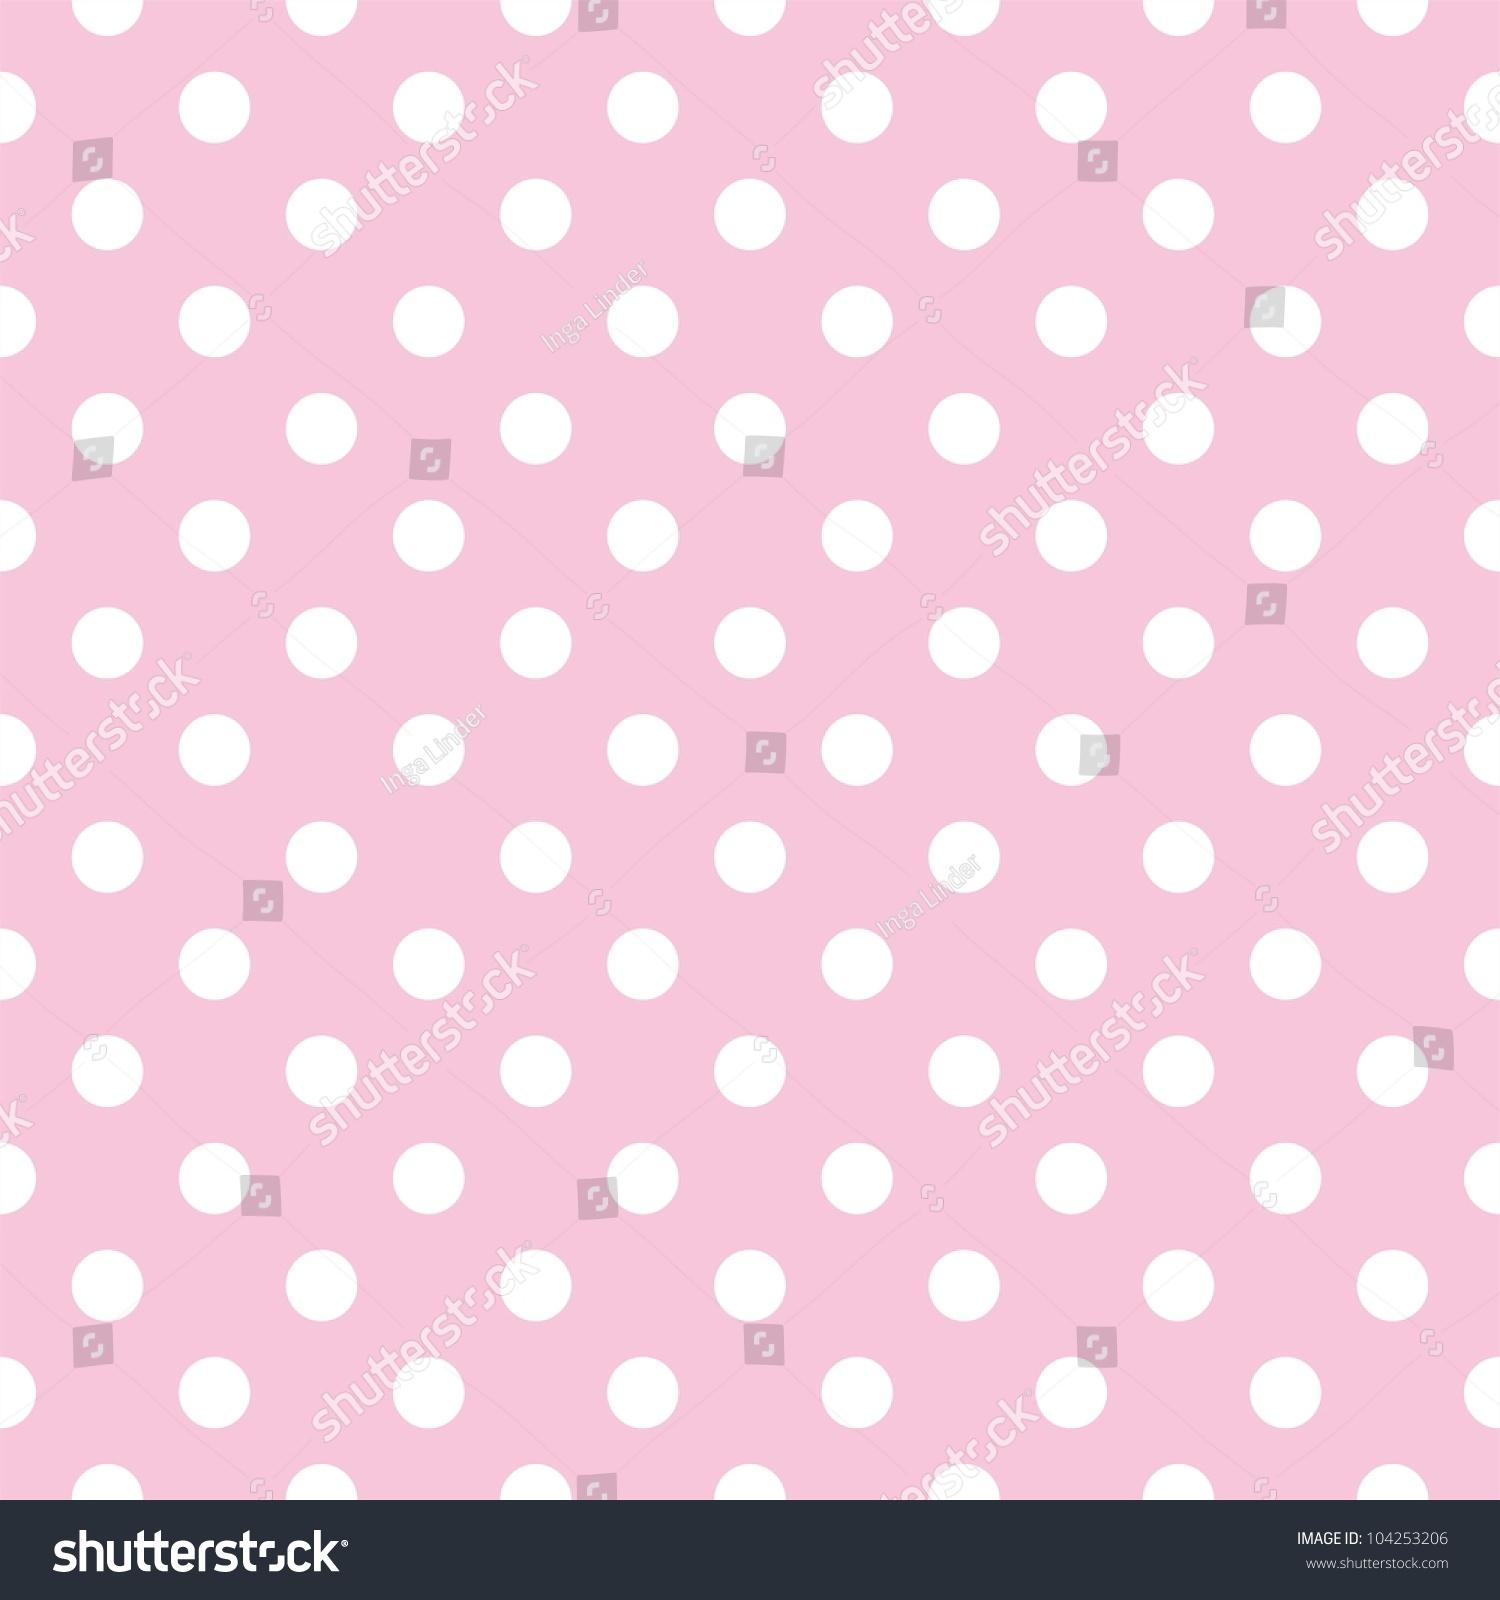 无缝模式与白色的圆点花纹瓷砖淡粉色的背景 - 背景/素材,复古风格 - 站酷海洛创意正版图片,视频,音乐素材交易平台 - Shutterstock中国独家合作伙伴 - 站酷旗下品牌